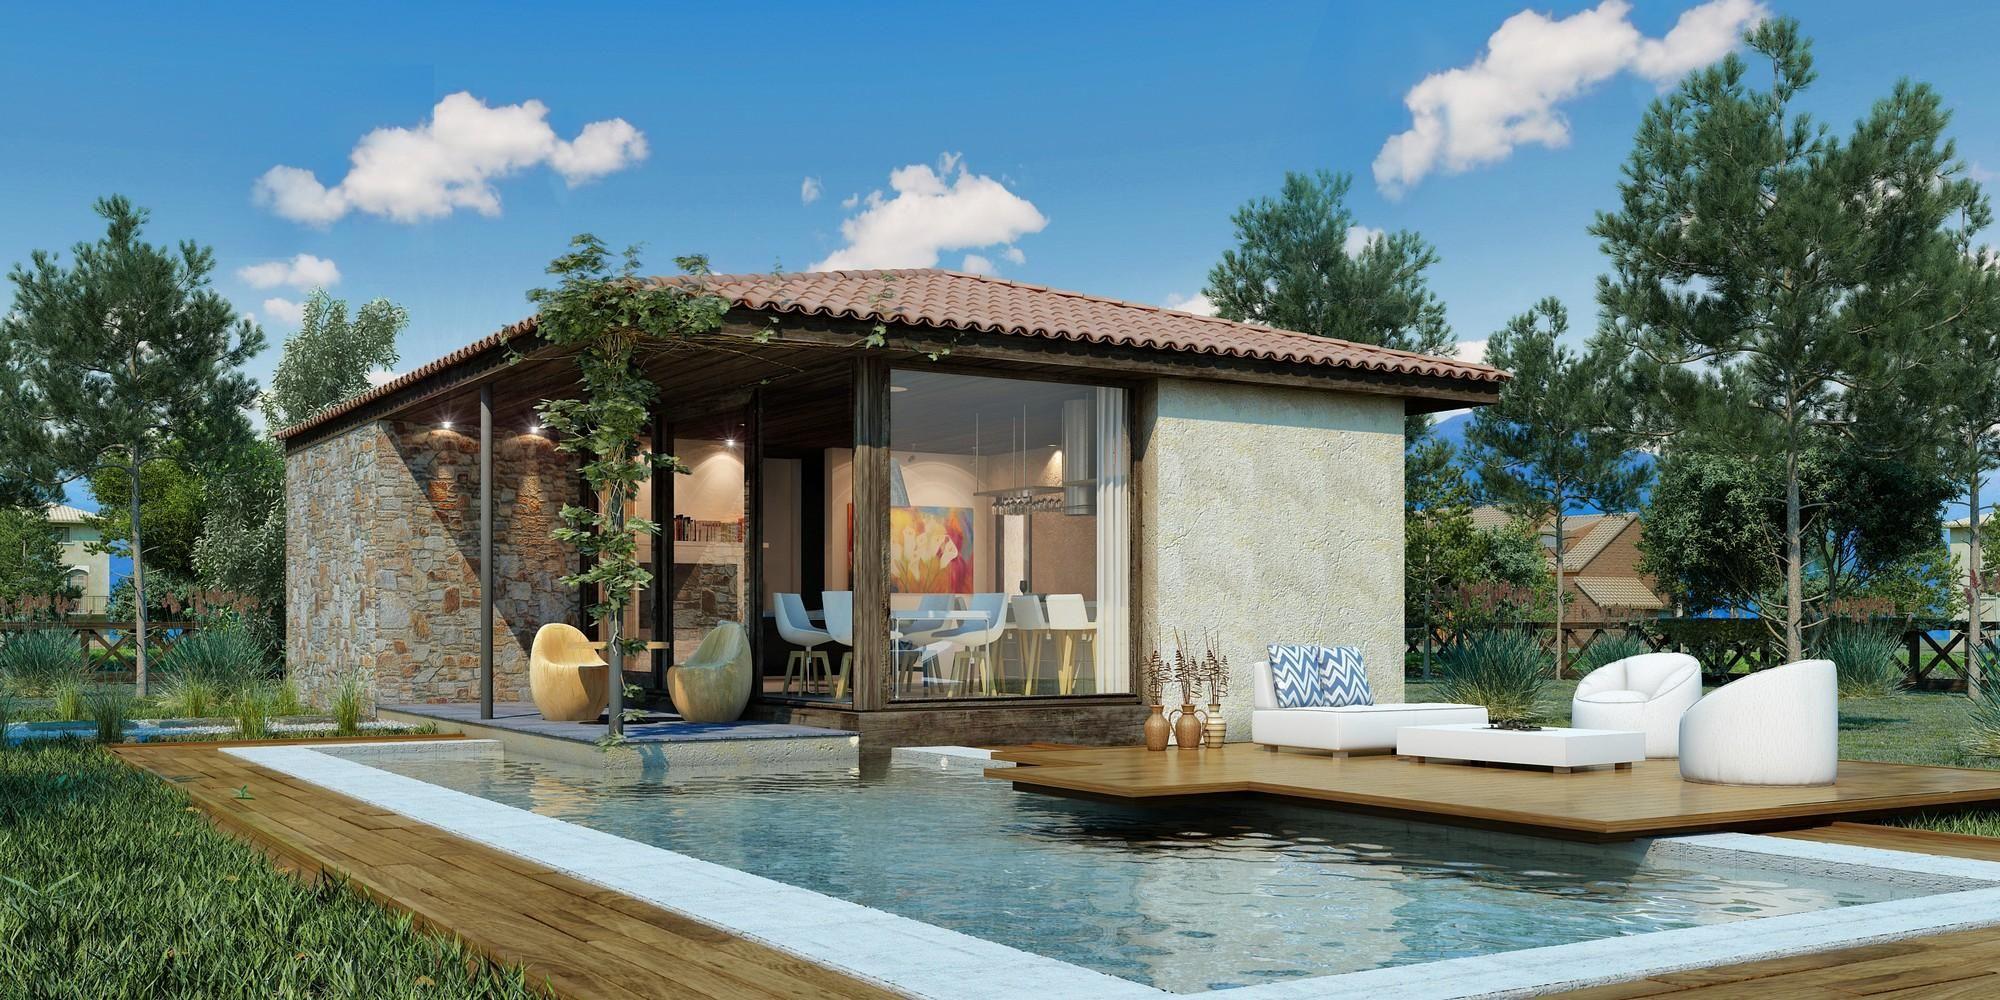 60 casas r sticas inspira es e fotos lindas cottage - Fotos de casas rusticas ...